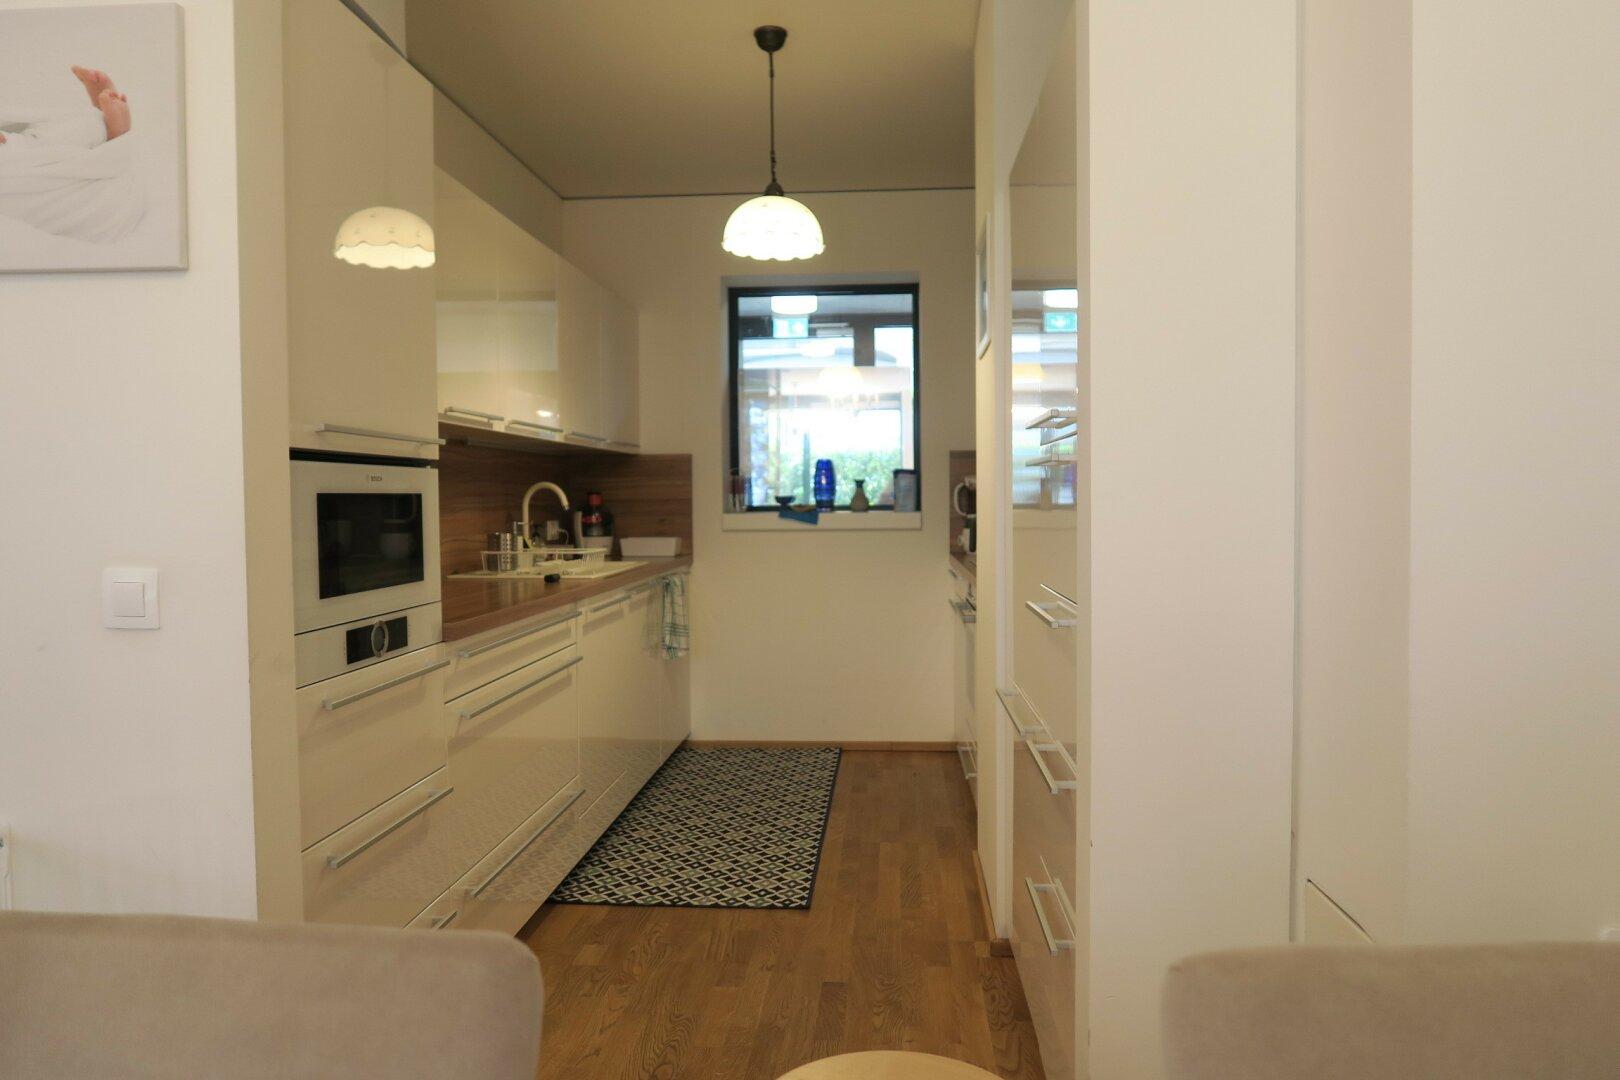 hochwertige Dan Küche mit Bosch Geräten